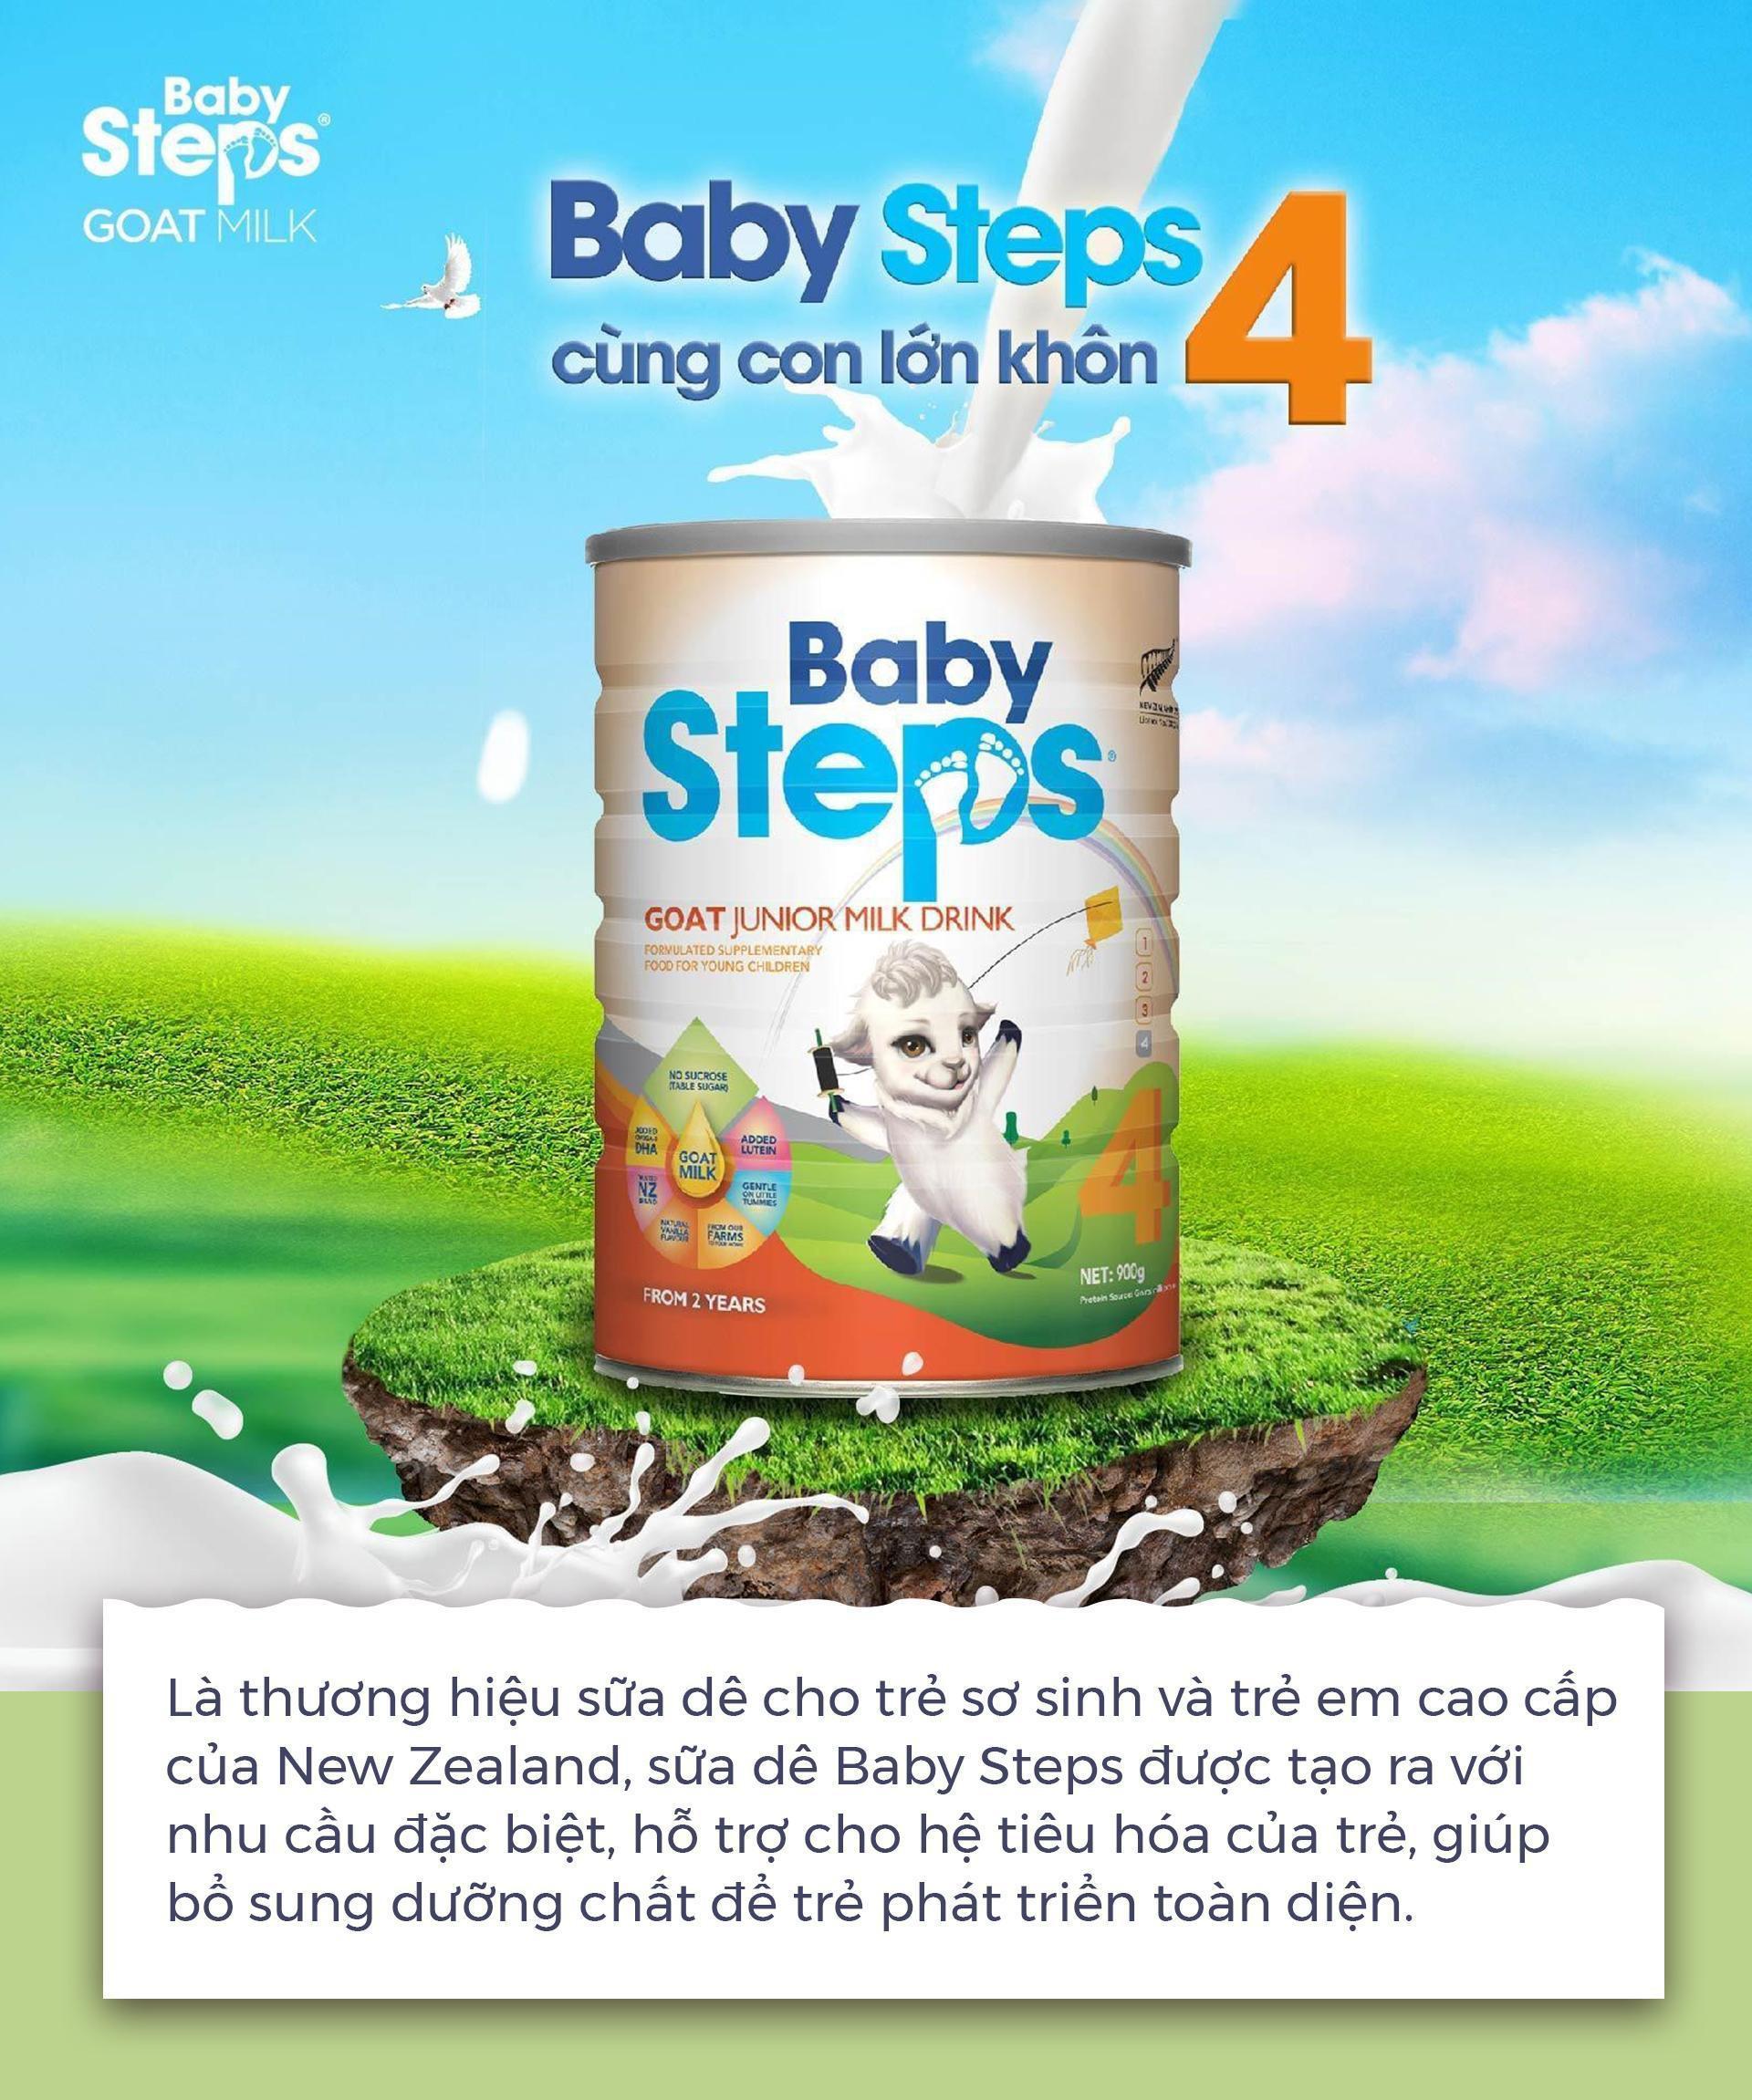 Những lợi ích bất ngờ từ sữa dê không phải mẹ nào cũng biết - Ảnh 8.